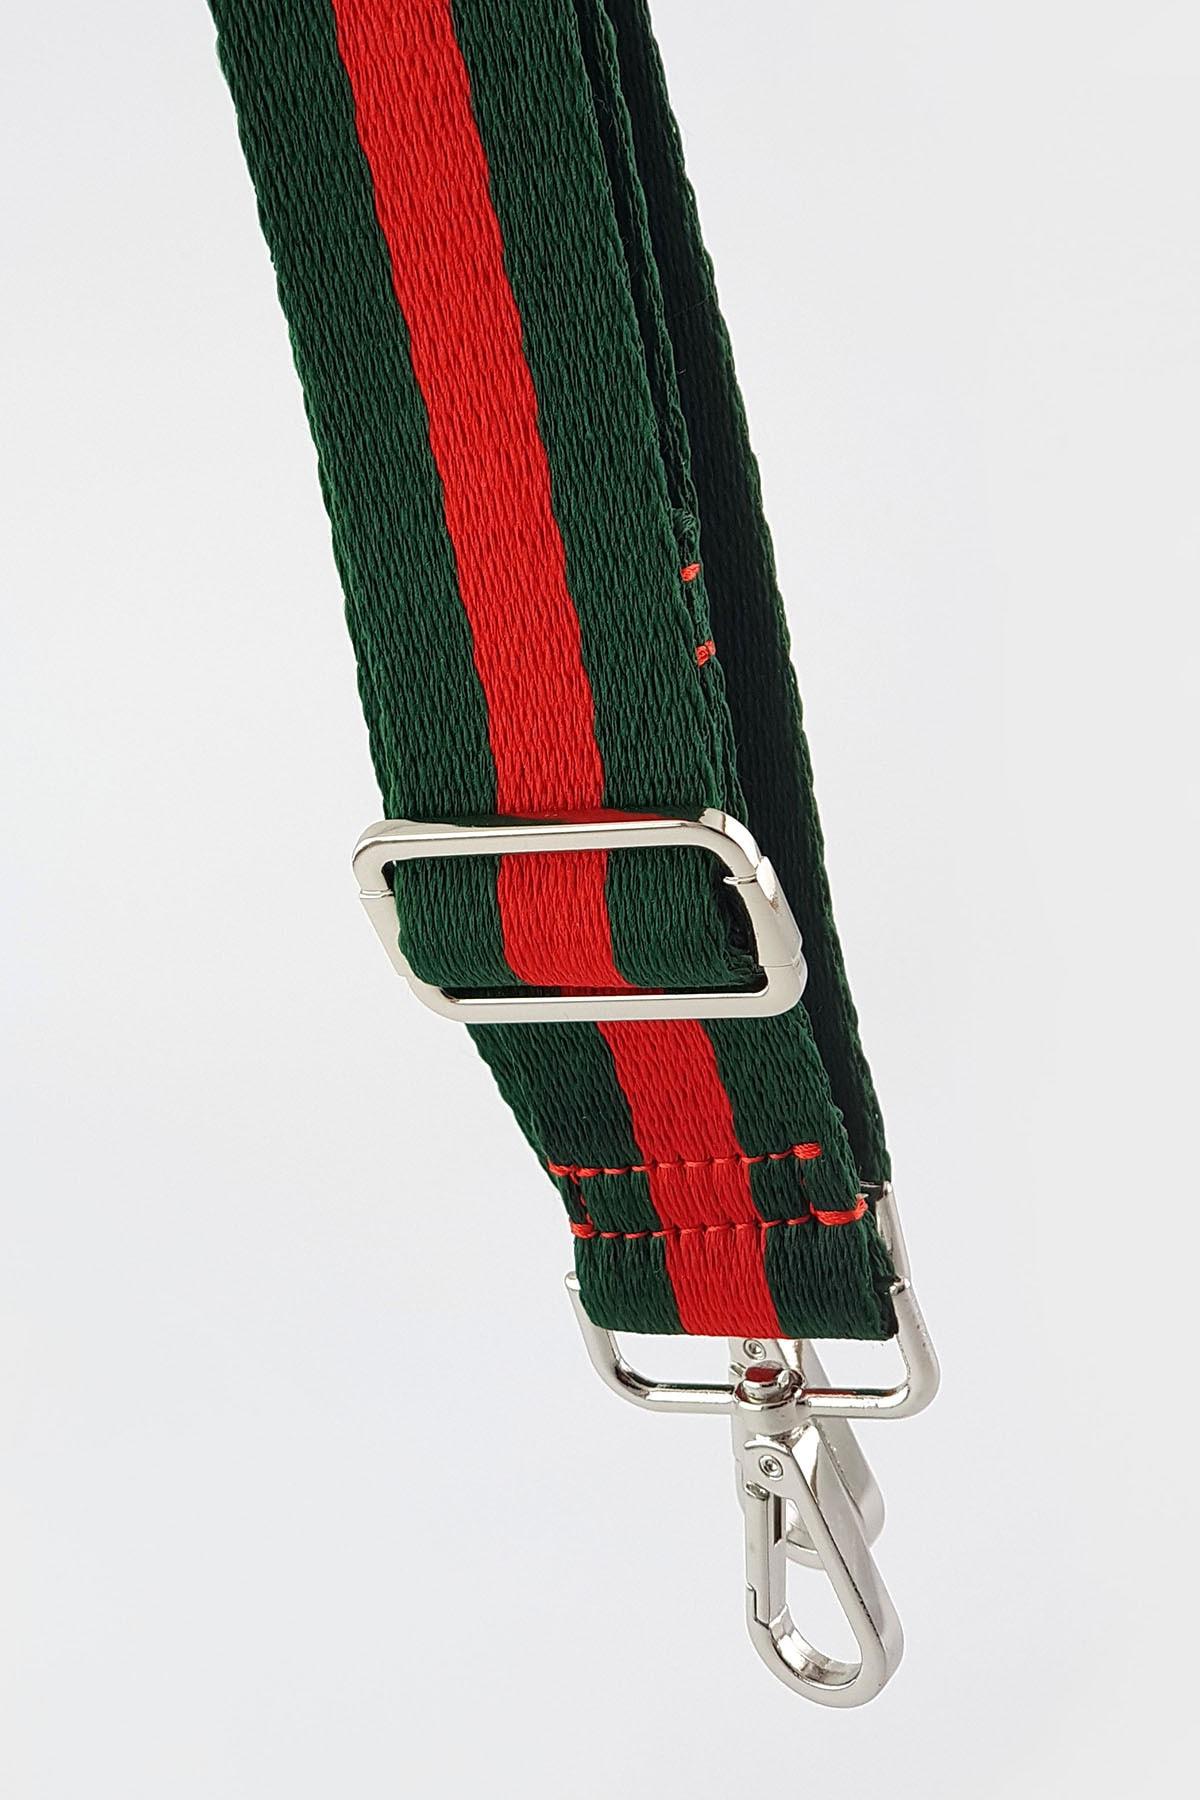 FAEN Yeşil Kırmızı Şerit Çanta & Cep Telefonu Askısı Silver 1